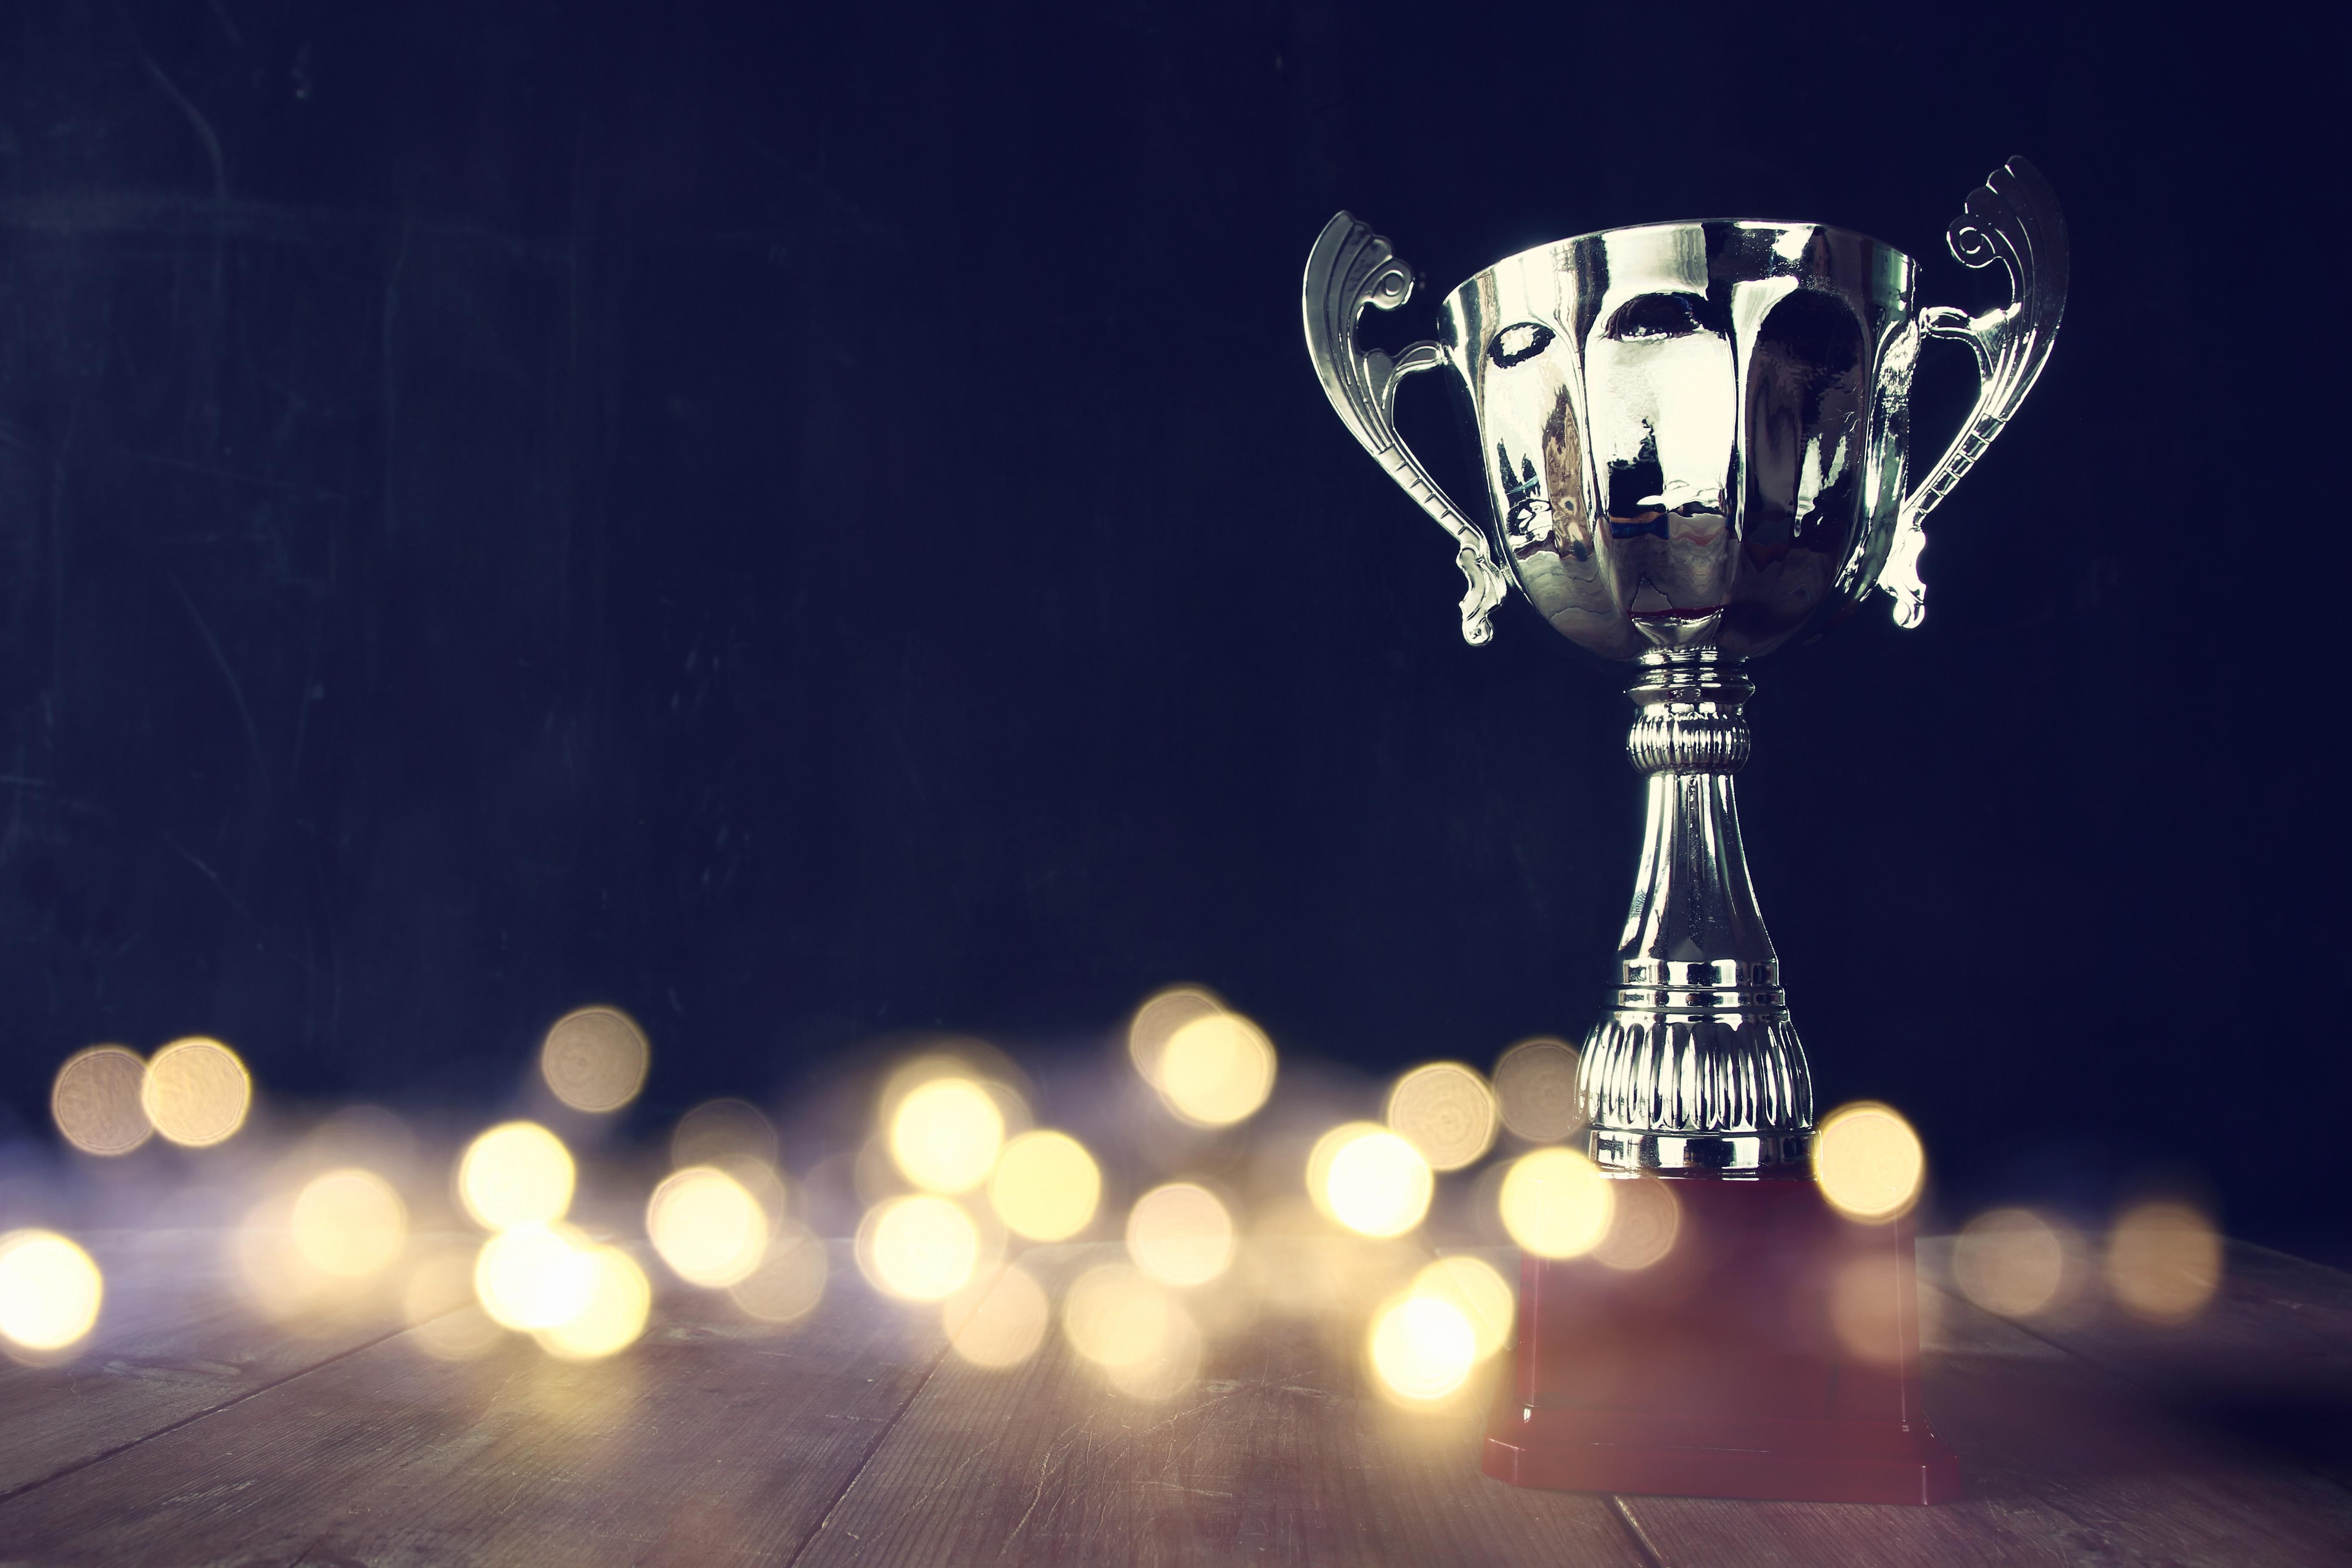 bitdefender-hypervisor-introspection-awarded-best-new-technology-at-citrix-synergy.jpg